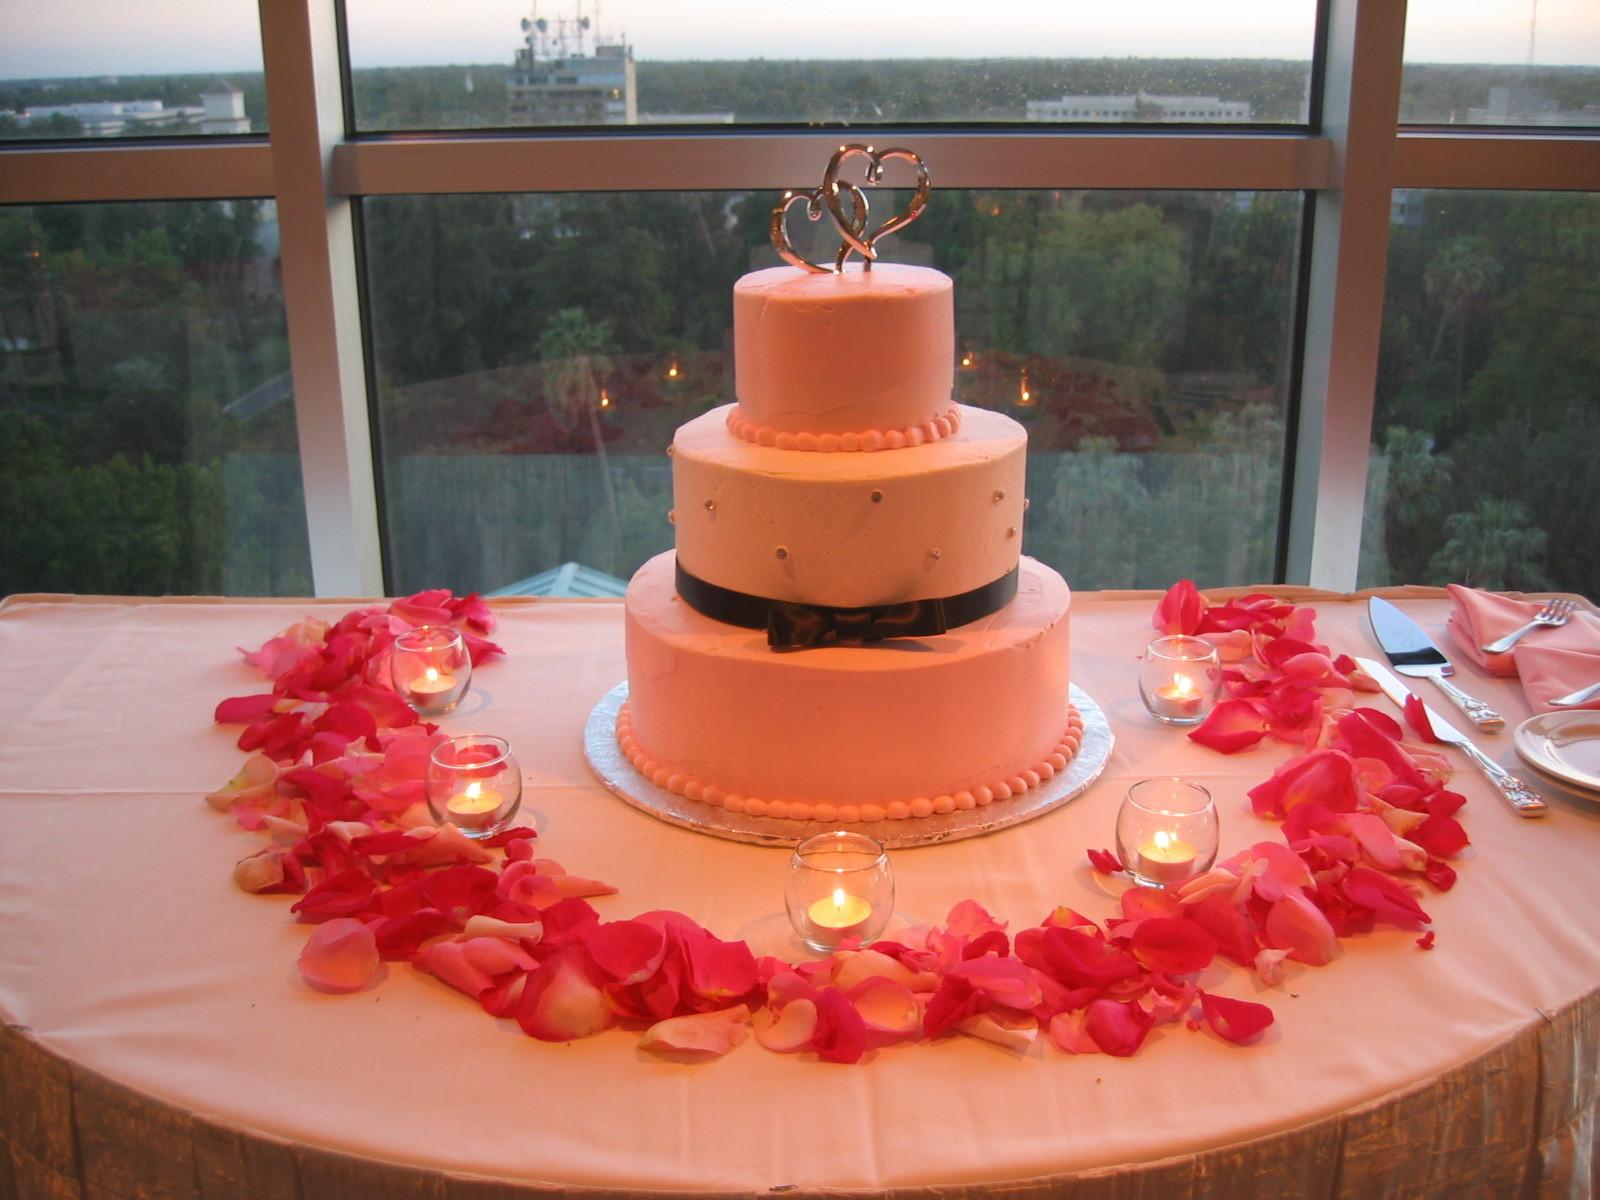 Cakes, pink, cake, Cake cutting